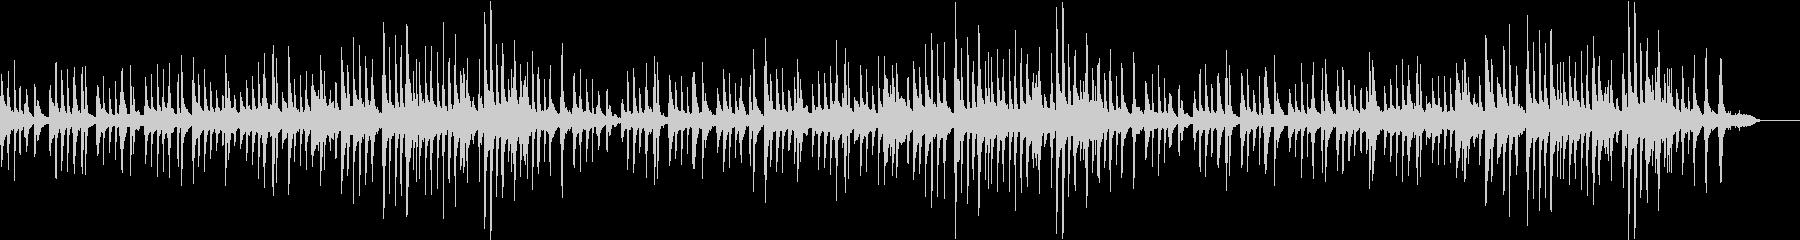 チェロとピアノの夏バラードの未再生の波形